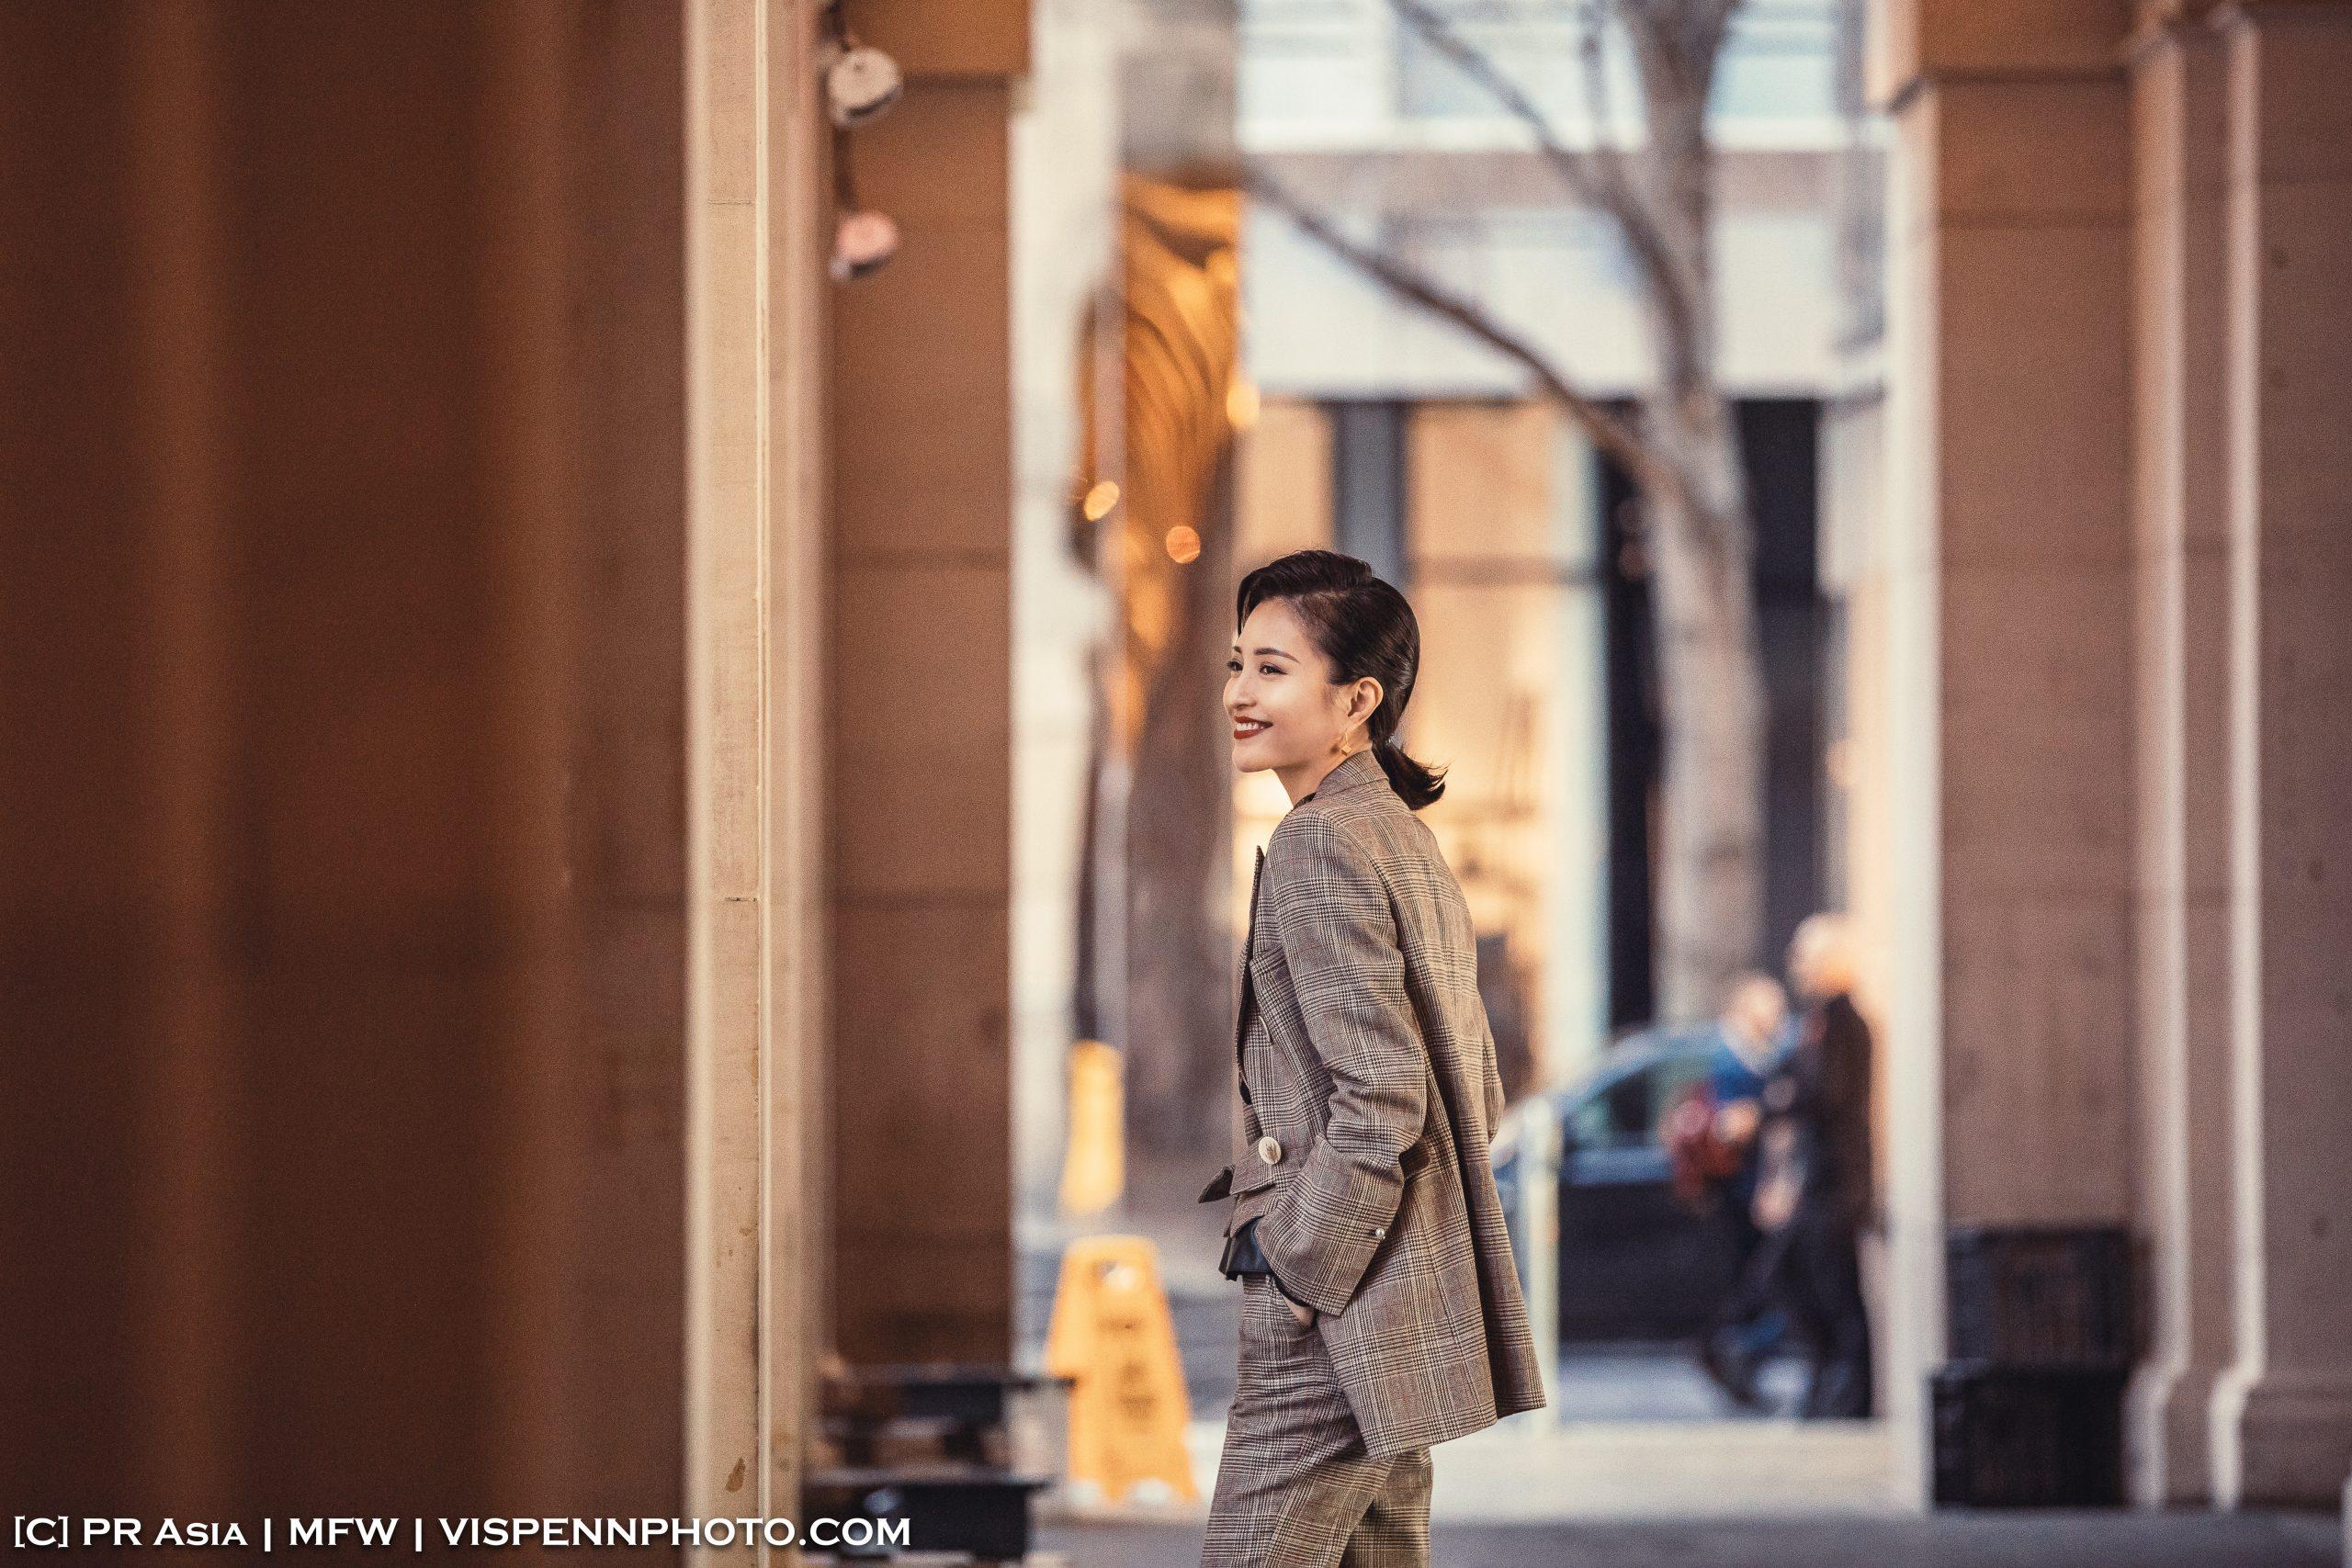 Melbourne Fashion Portrait Commercial Photography VISPENN 墨尔本 服装 商业 人像 摄影 VISPENN 1374 Edit